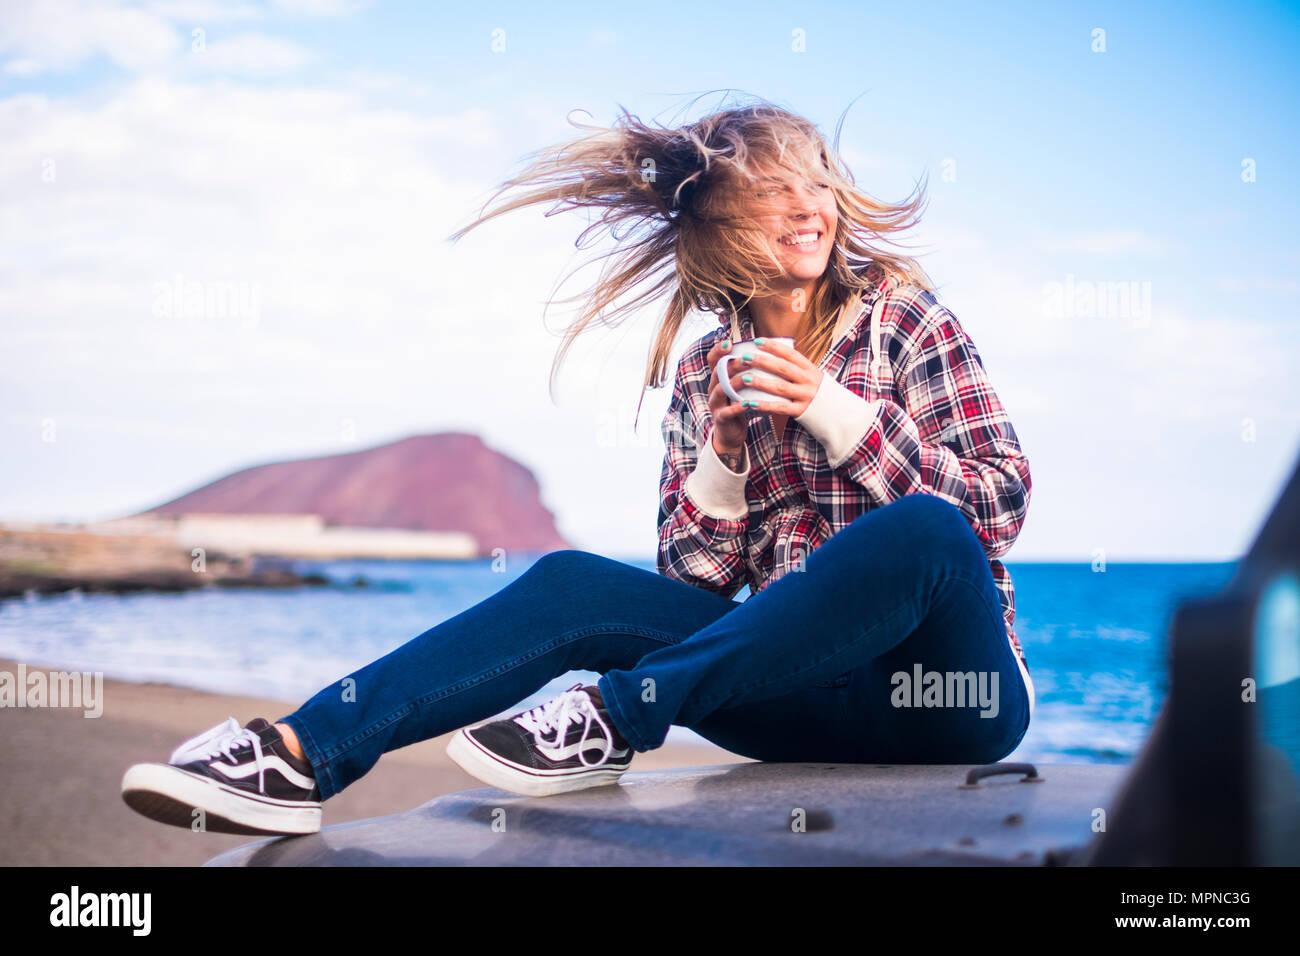 La libertad y el concepto de vacaciones para jóvenes caucásicos rubia hermosa mujer sentada en la nariz de un coche negro off road. Y la luz de la retroiluminación en wa Imagen De Stock